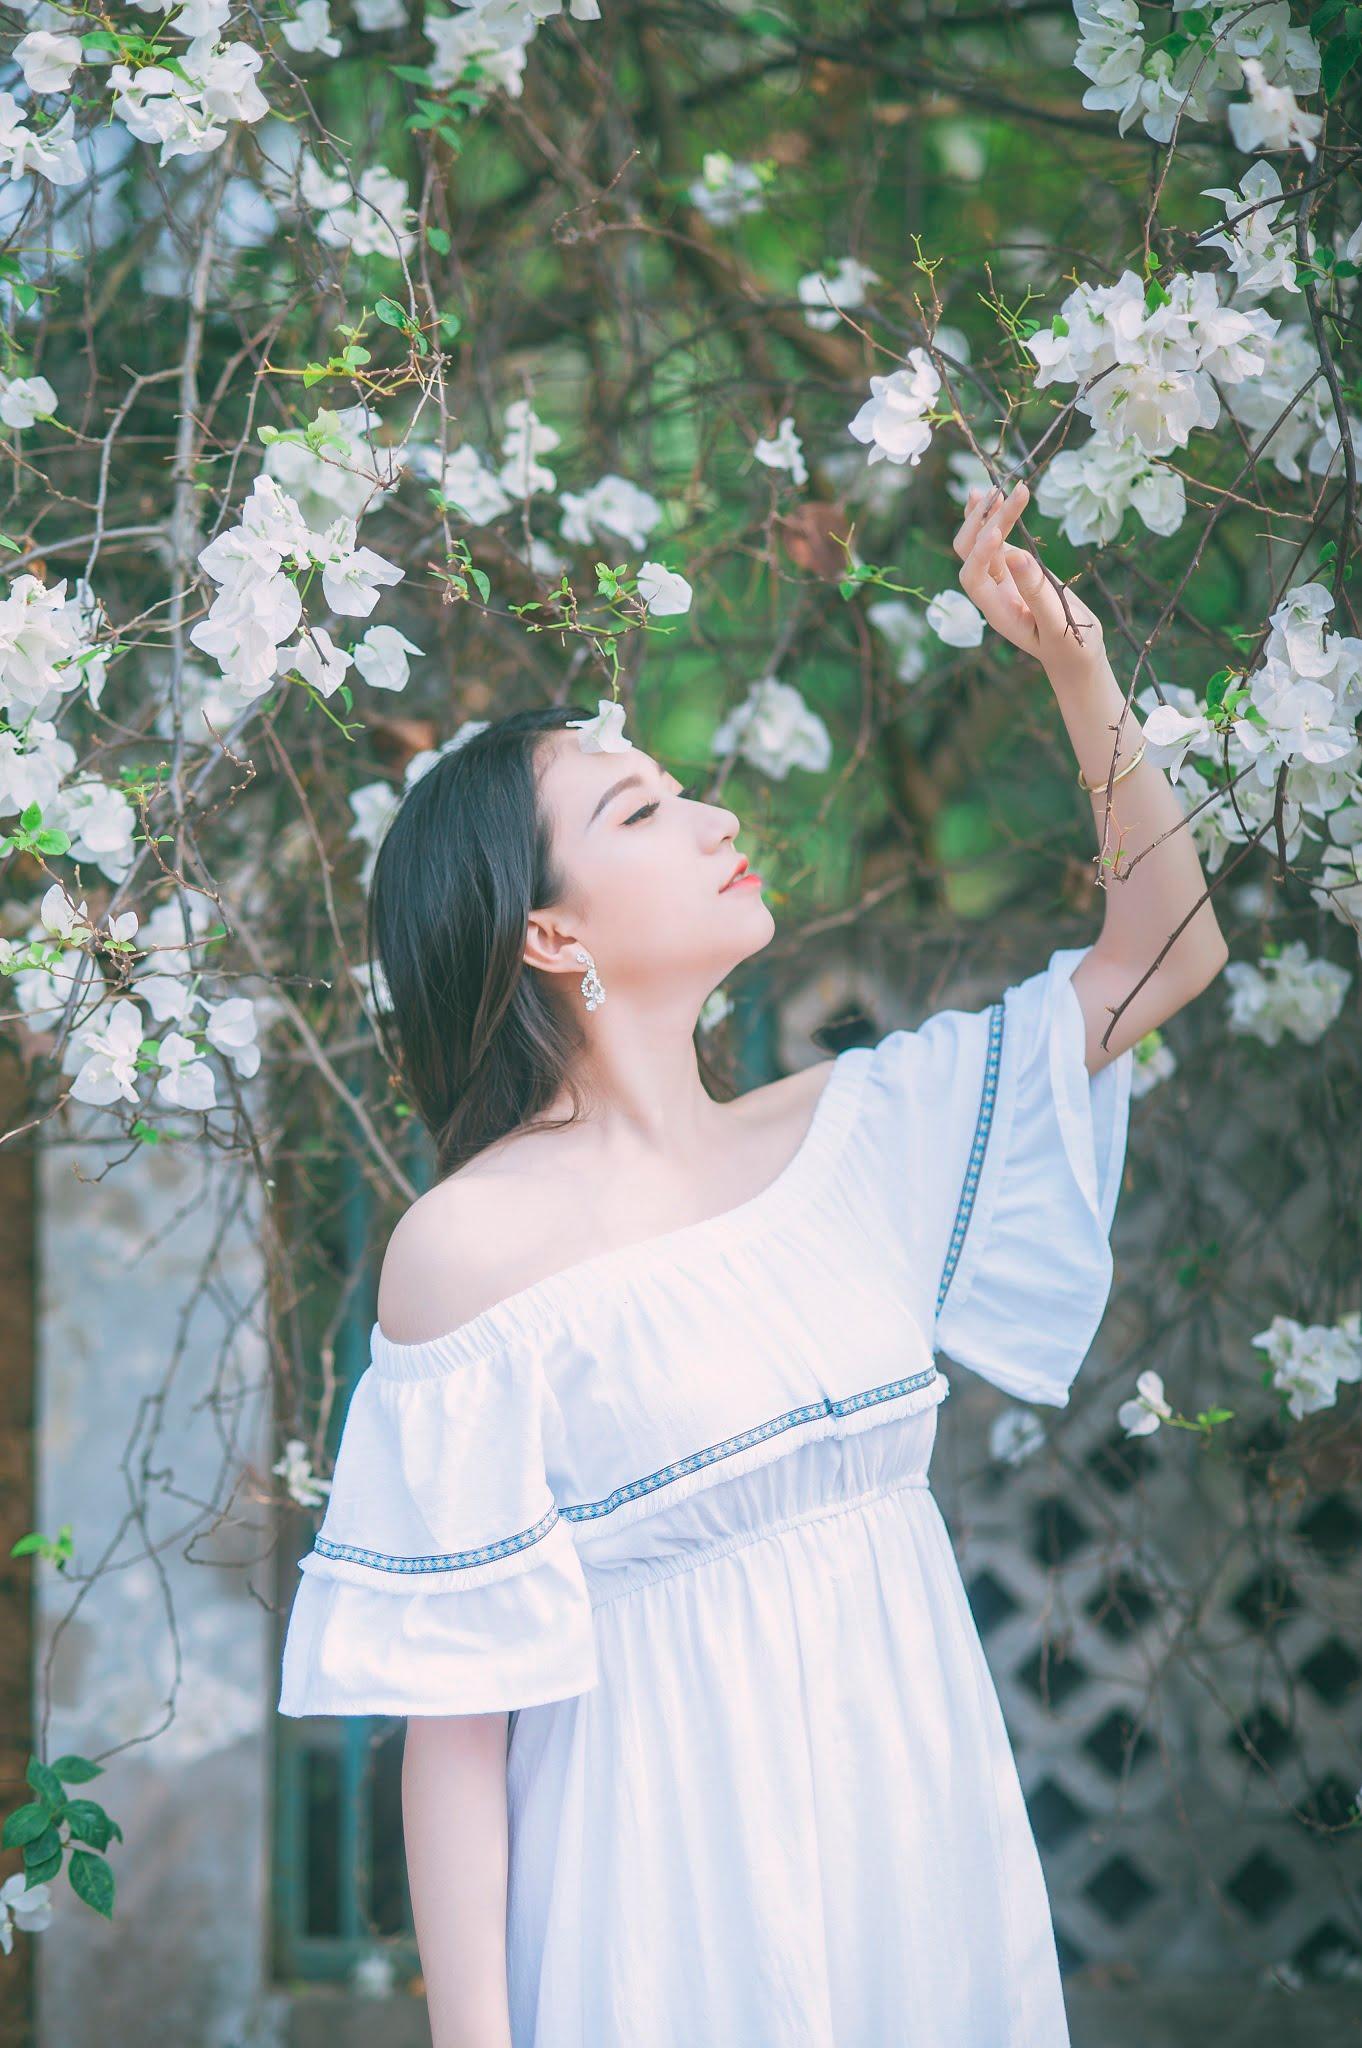 anh chup hoa giay 2 - Ảnh chụp với hoa giấy quận 2 - Huỳnh Như